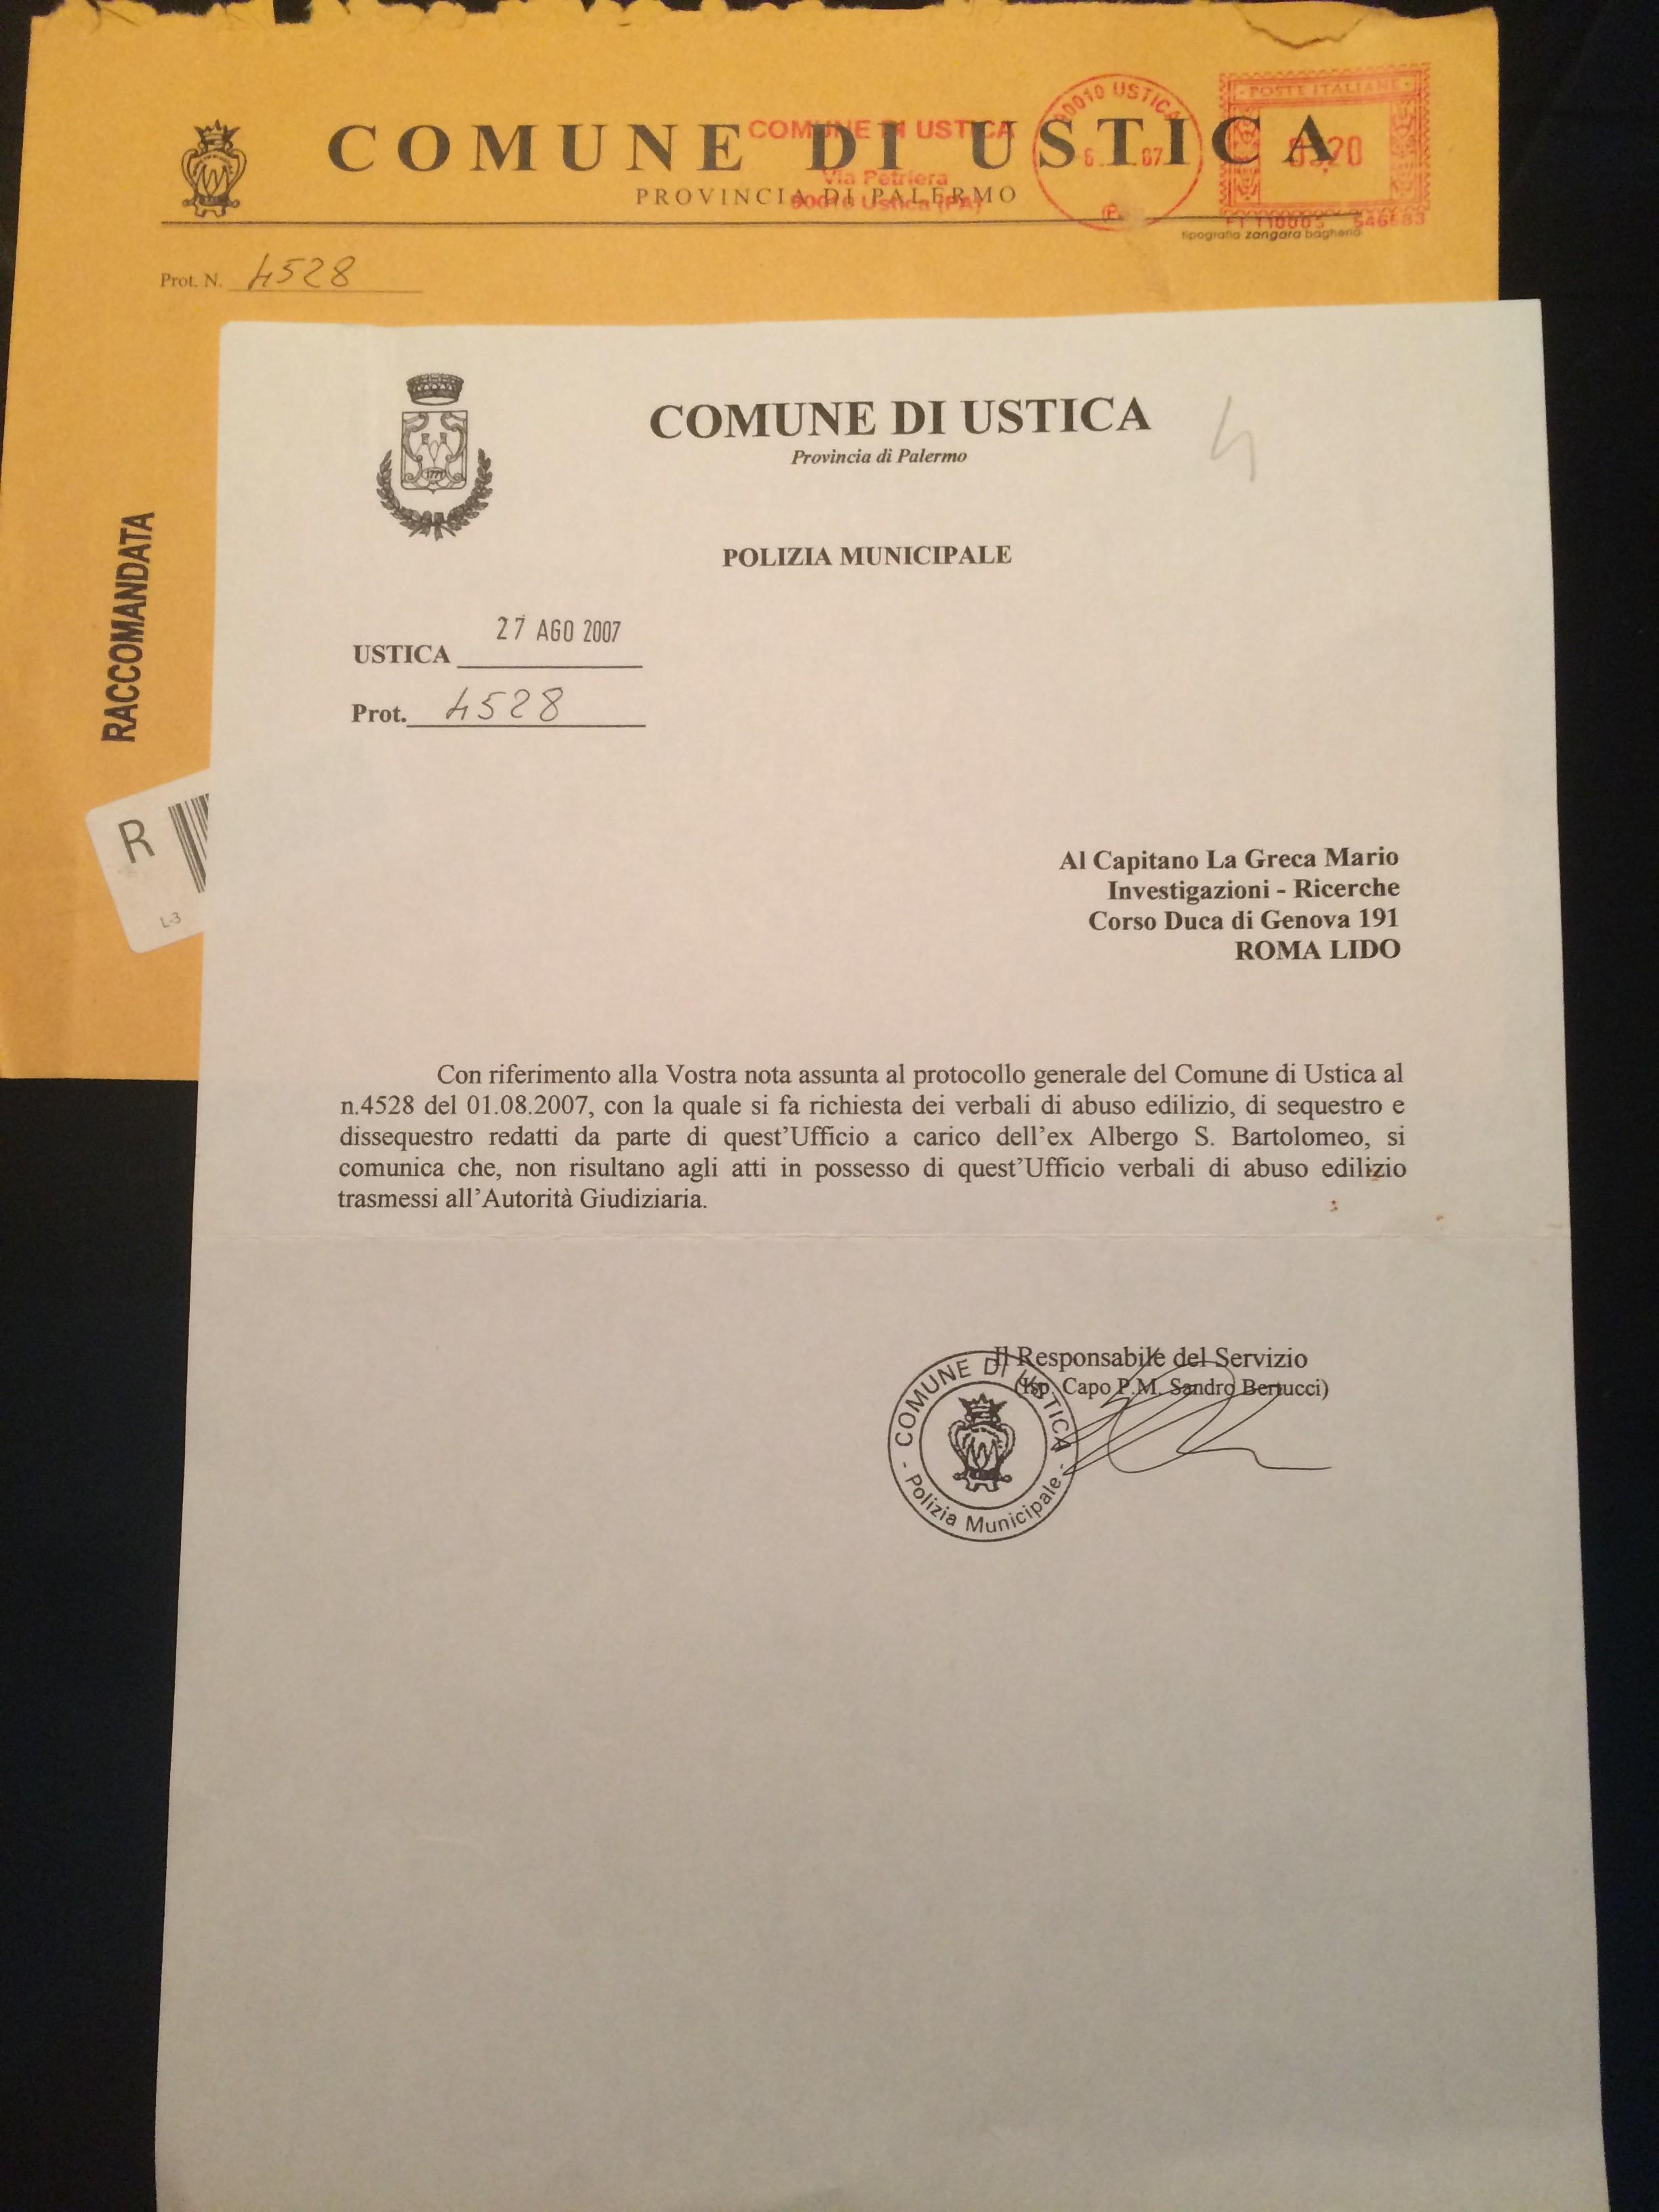 Documento della Polizia Municipale di Ustica Prot. 4528 del 27 agosto 2007